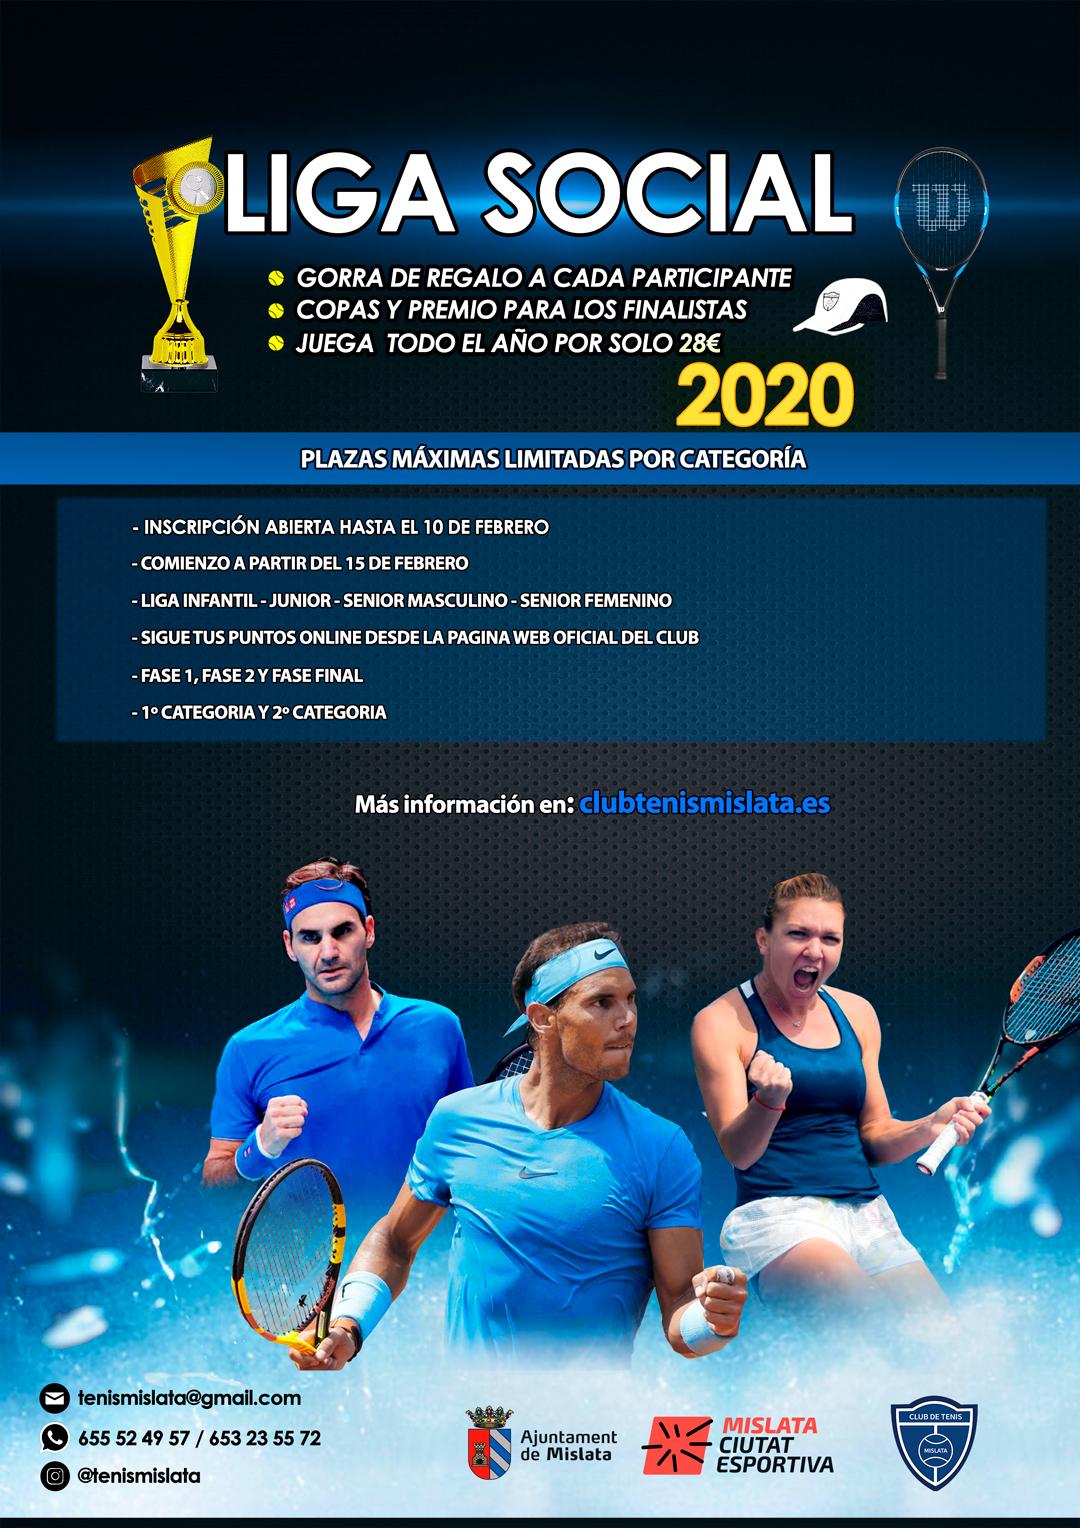 Liga Tenis Social